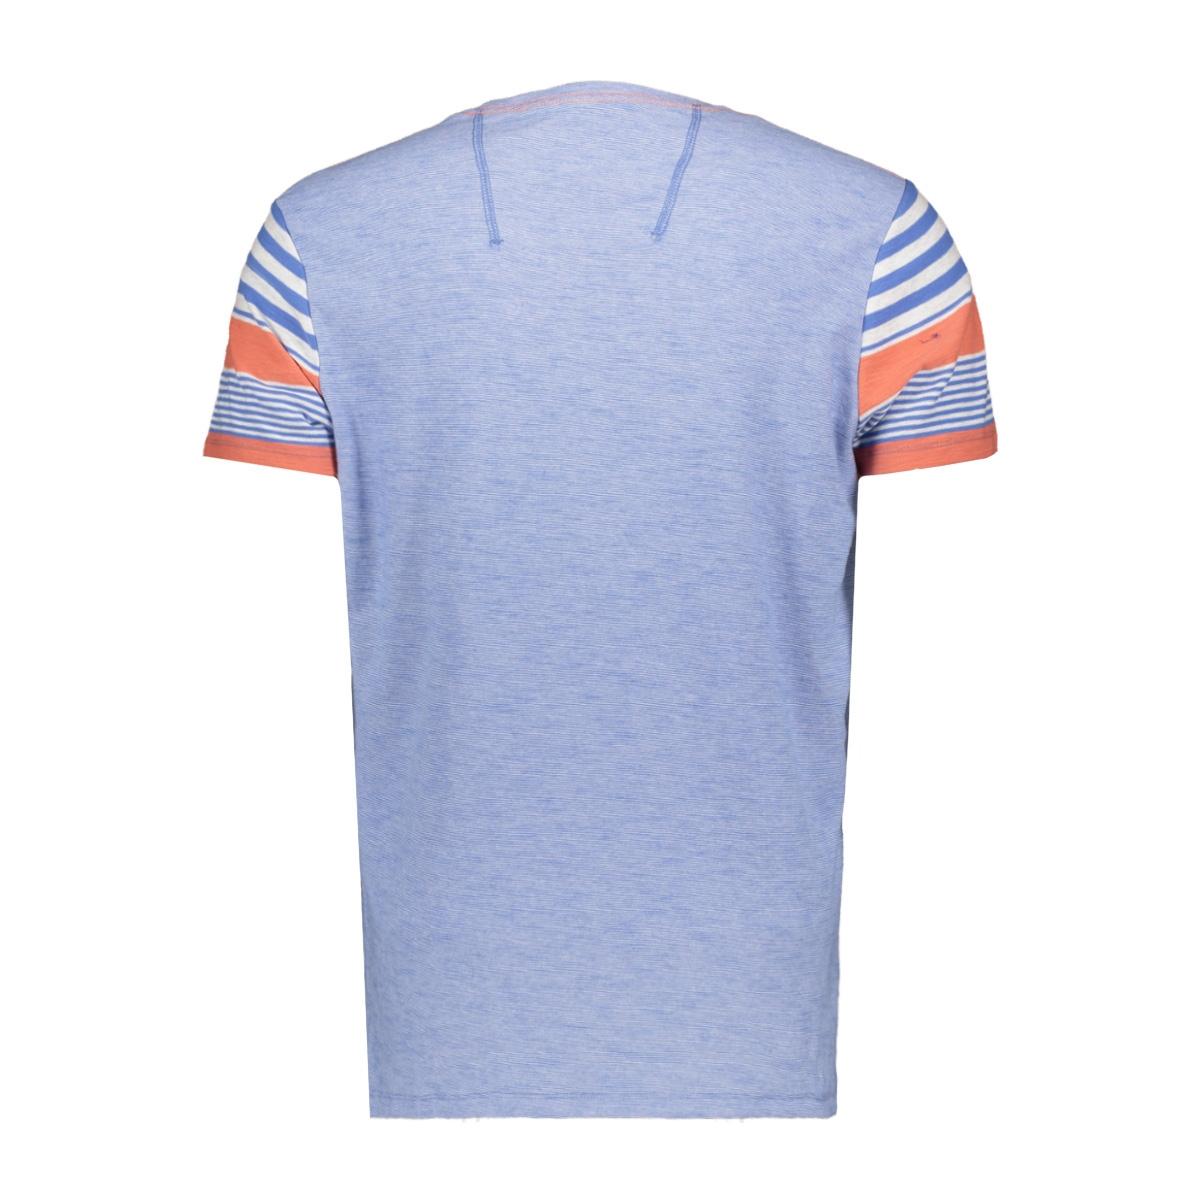 a91007 garcia t-shirt 2711 blue sea